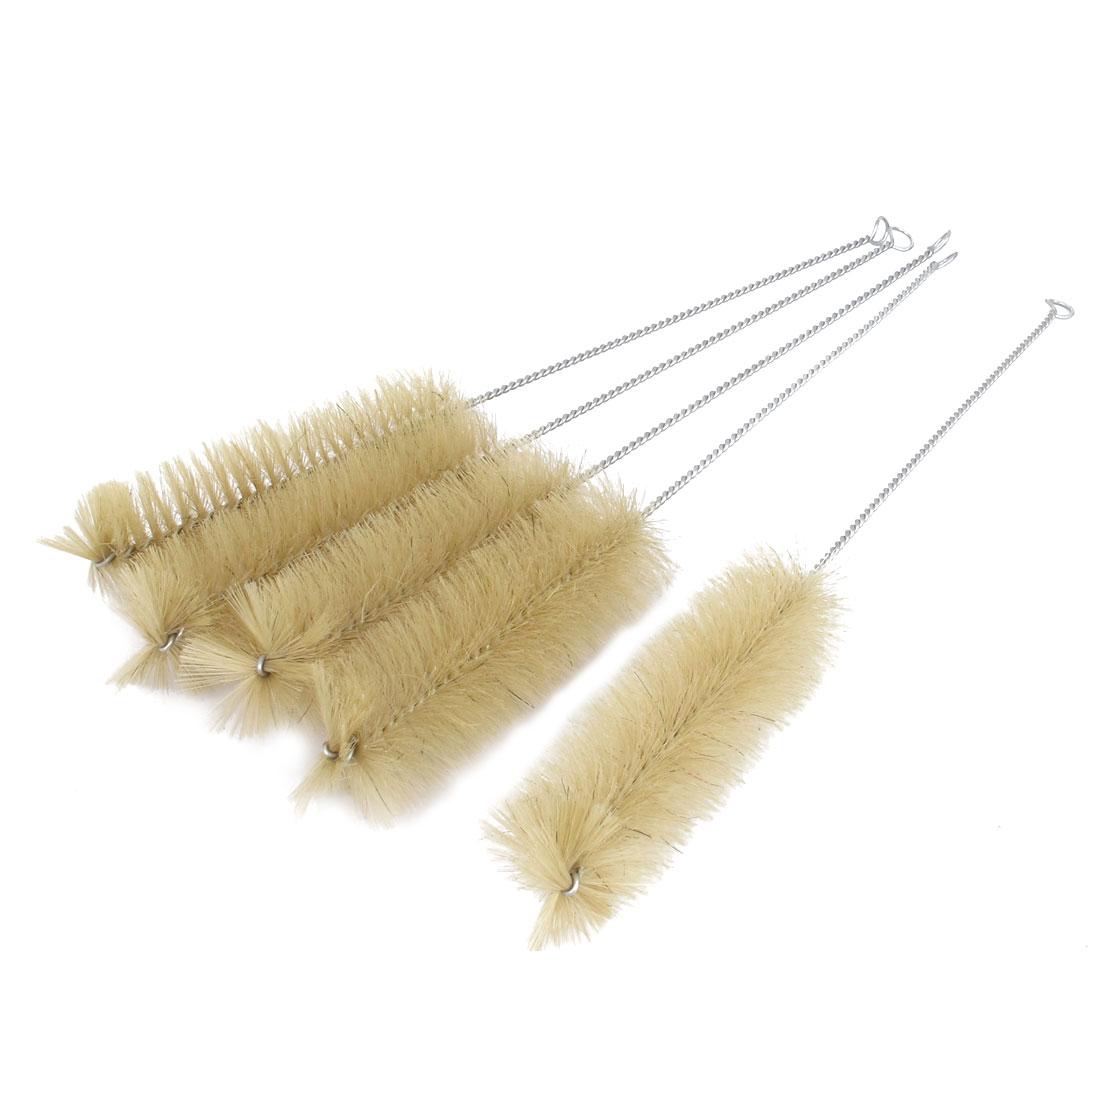 5 Pcs 5cm Dia. Nylon Bristle Test Tube Bottle Cleaning Brush Cleaner 36cm Long